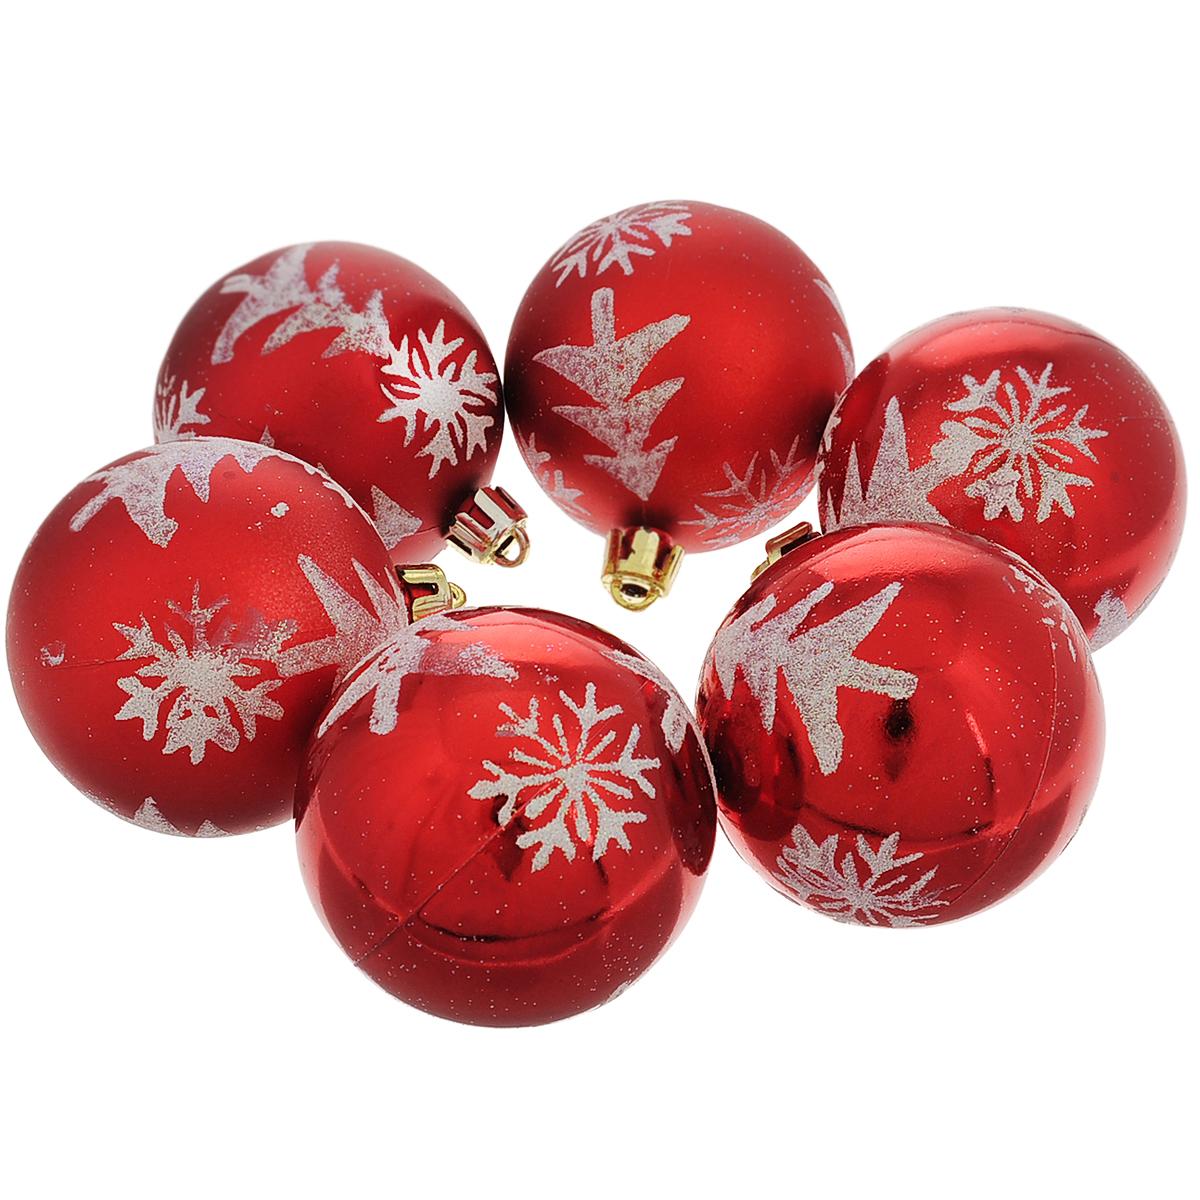 Набор новогодних подвесных украшений Шар, цвет: красный, серебристый, диаметр 6 см, 6 шт. 3550735507Набор новогодних подвесных украшений Шар прекрасно подойдет для праздничного декора новогодней ели. Набор состоит из шести шаров - 3 матовых и 3 глянцевых, выполненных из пластика. Шары украшены изящными узорами из серебристых блесток. Для удобного размещения на елке для каждого шара предусмотрена текстильная петелька. Елочная игрушка - символ Нового года. Она несет в себе волшебство и красоту праздника. Создайте в своем доме атмосферу веселья и радости, украшая новогоднюю елку нарядными игрушками, которые будут из года в год накапливать теплоту воспоминаний. Коллекция декоративных украшений принесет в ваш дом ни с чем несравнимое ощущение волшебства! Откройте для себя удивительный мир сказок и грез. Почувствуйте волшебные минуты ожидания праздника, создайте новогоднее настроение вашим дорогим и близким.